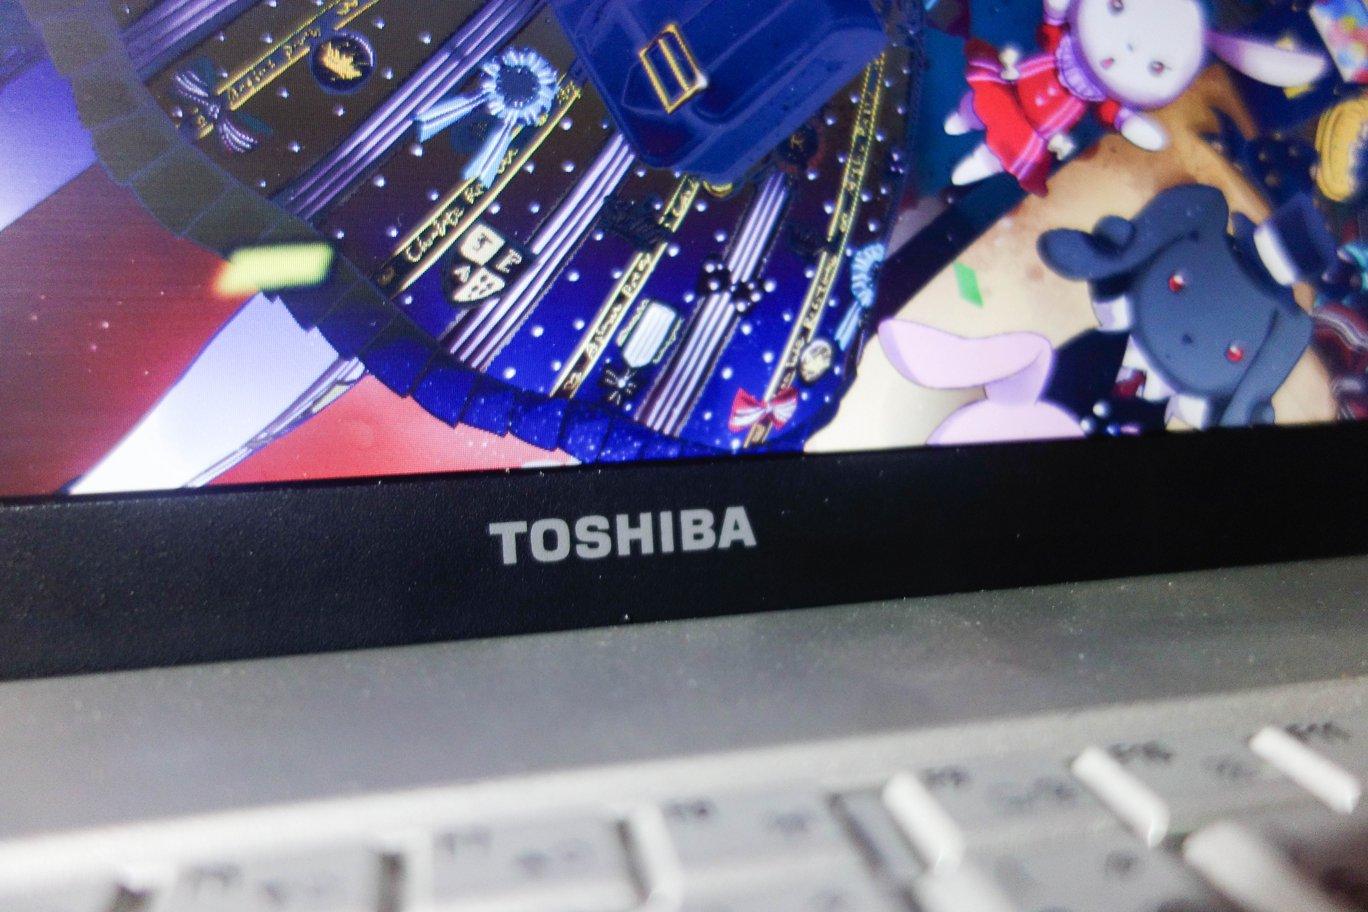 toshiba-dynabook-r600-6